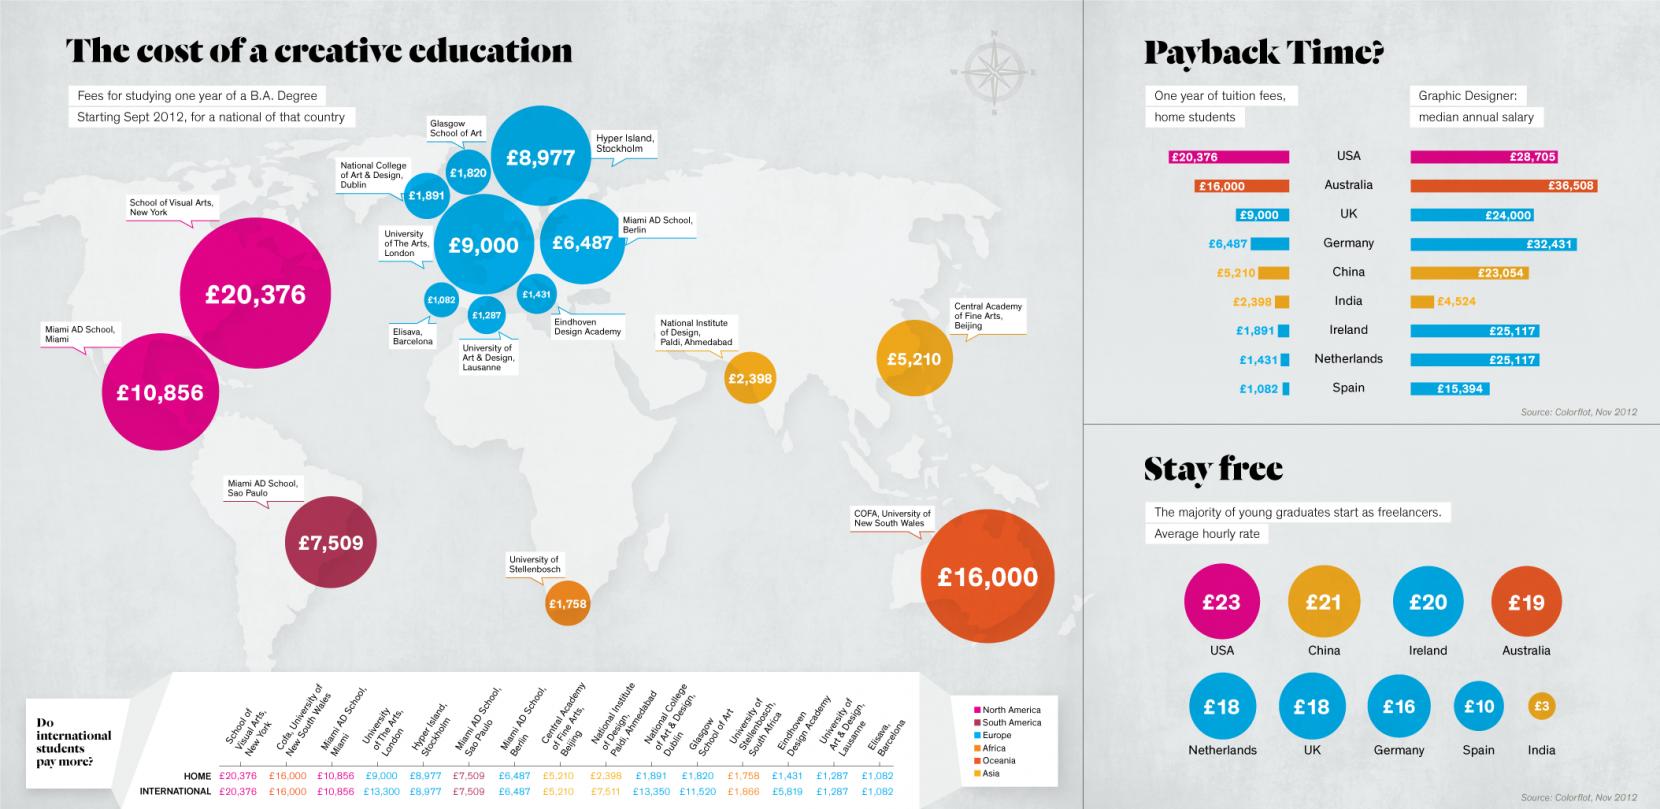 el-coste-de-la-educacion-creativa